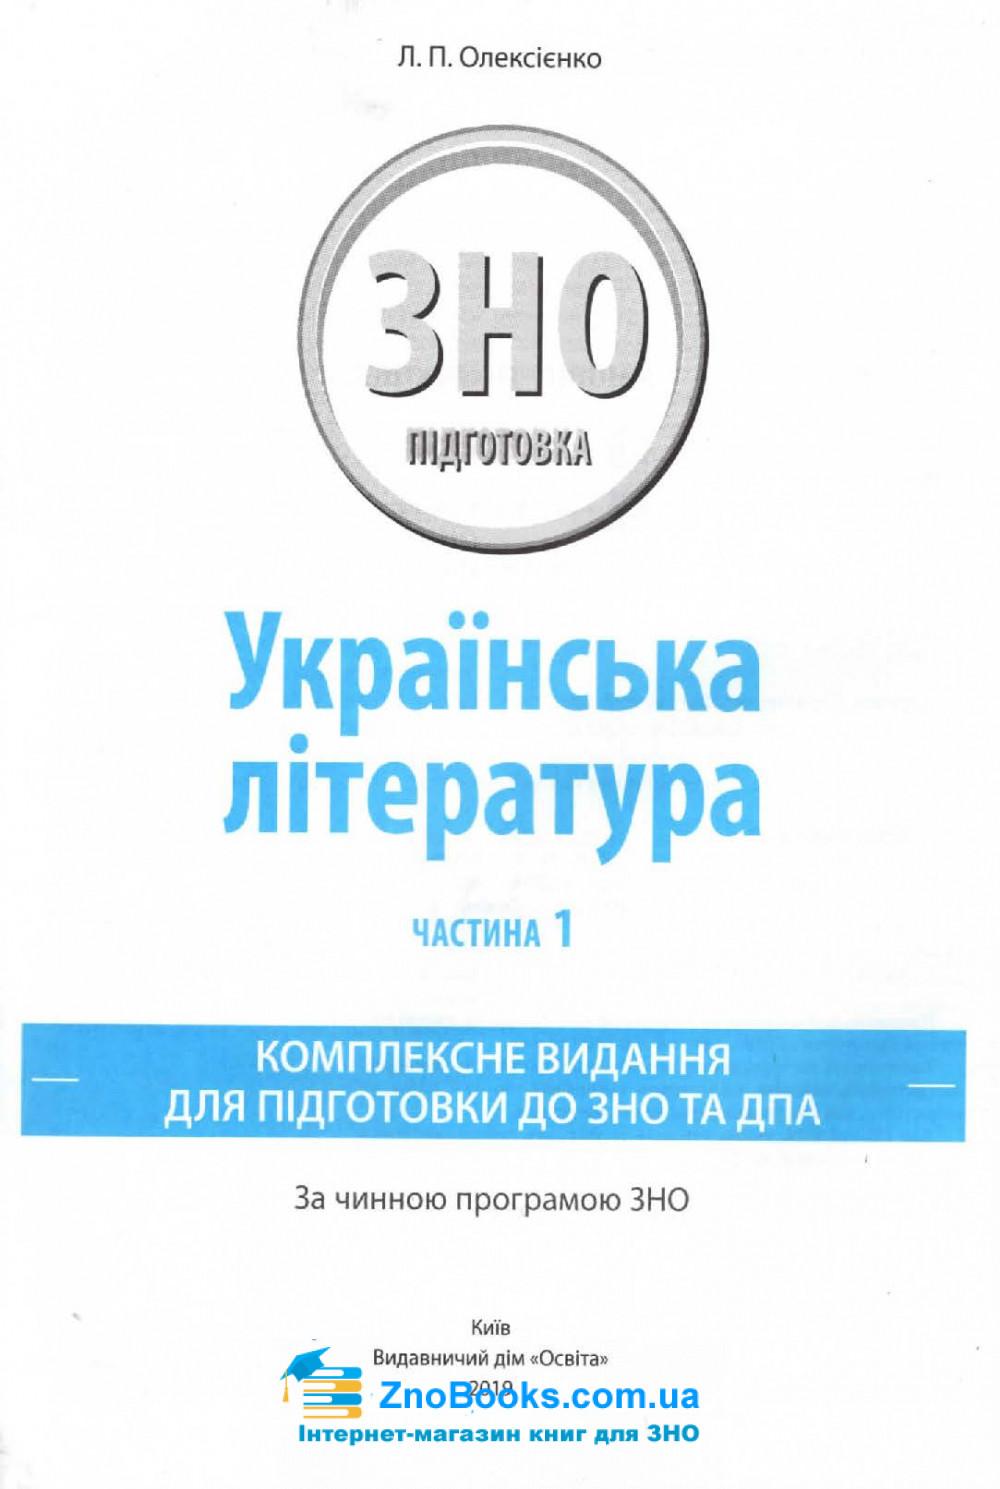 ЗНО 2022 Комплексне видання Українська література : Олексієнко Л. Освіта купити 1